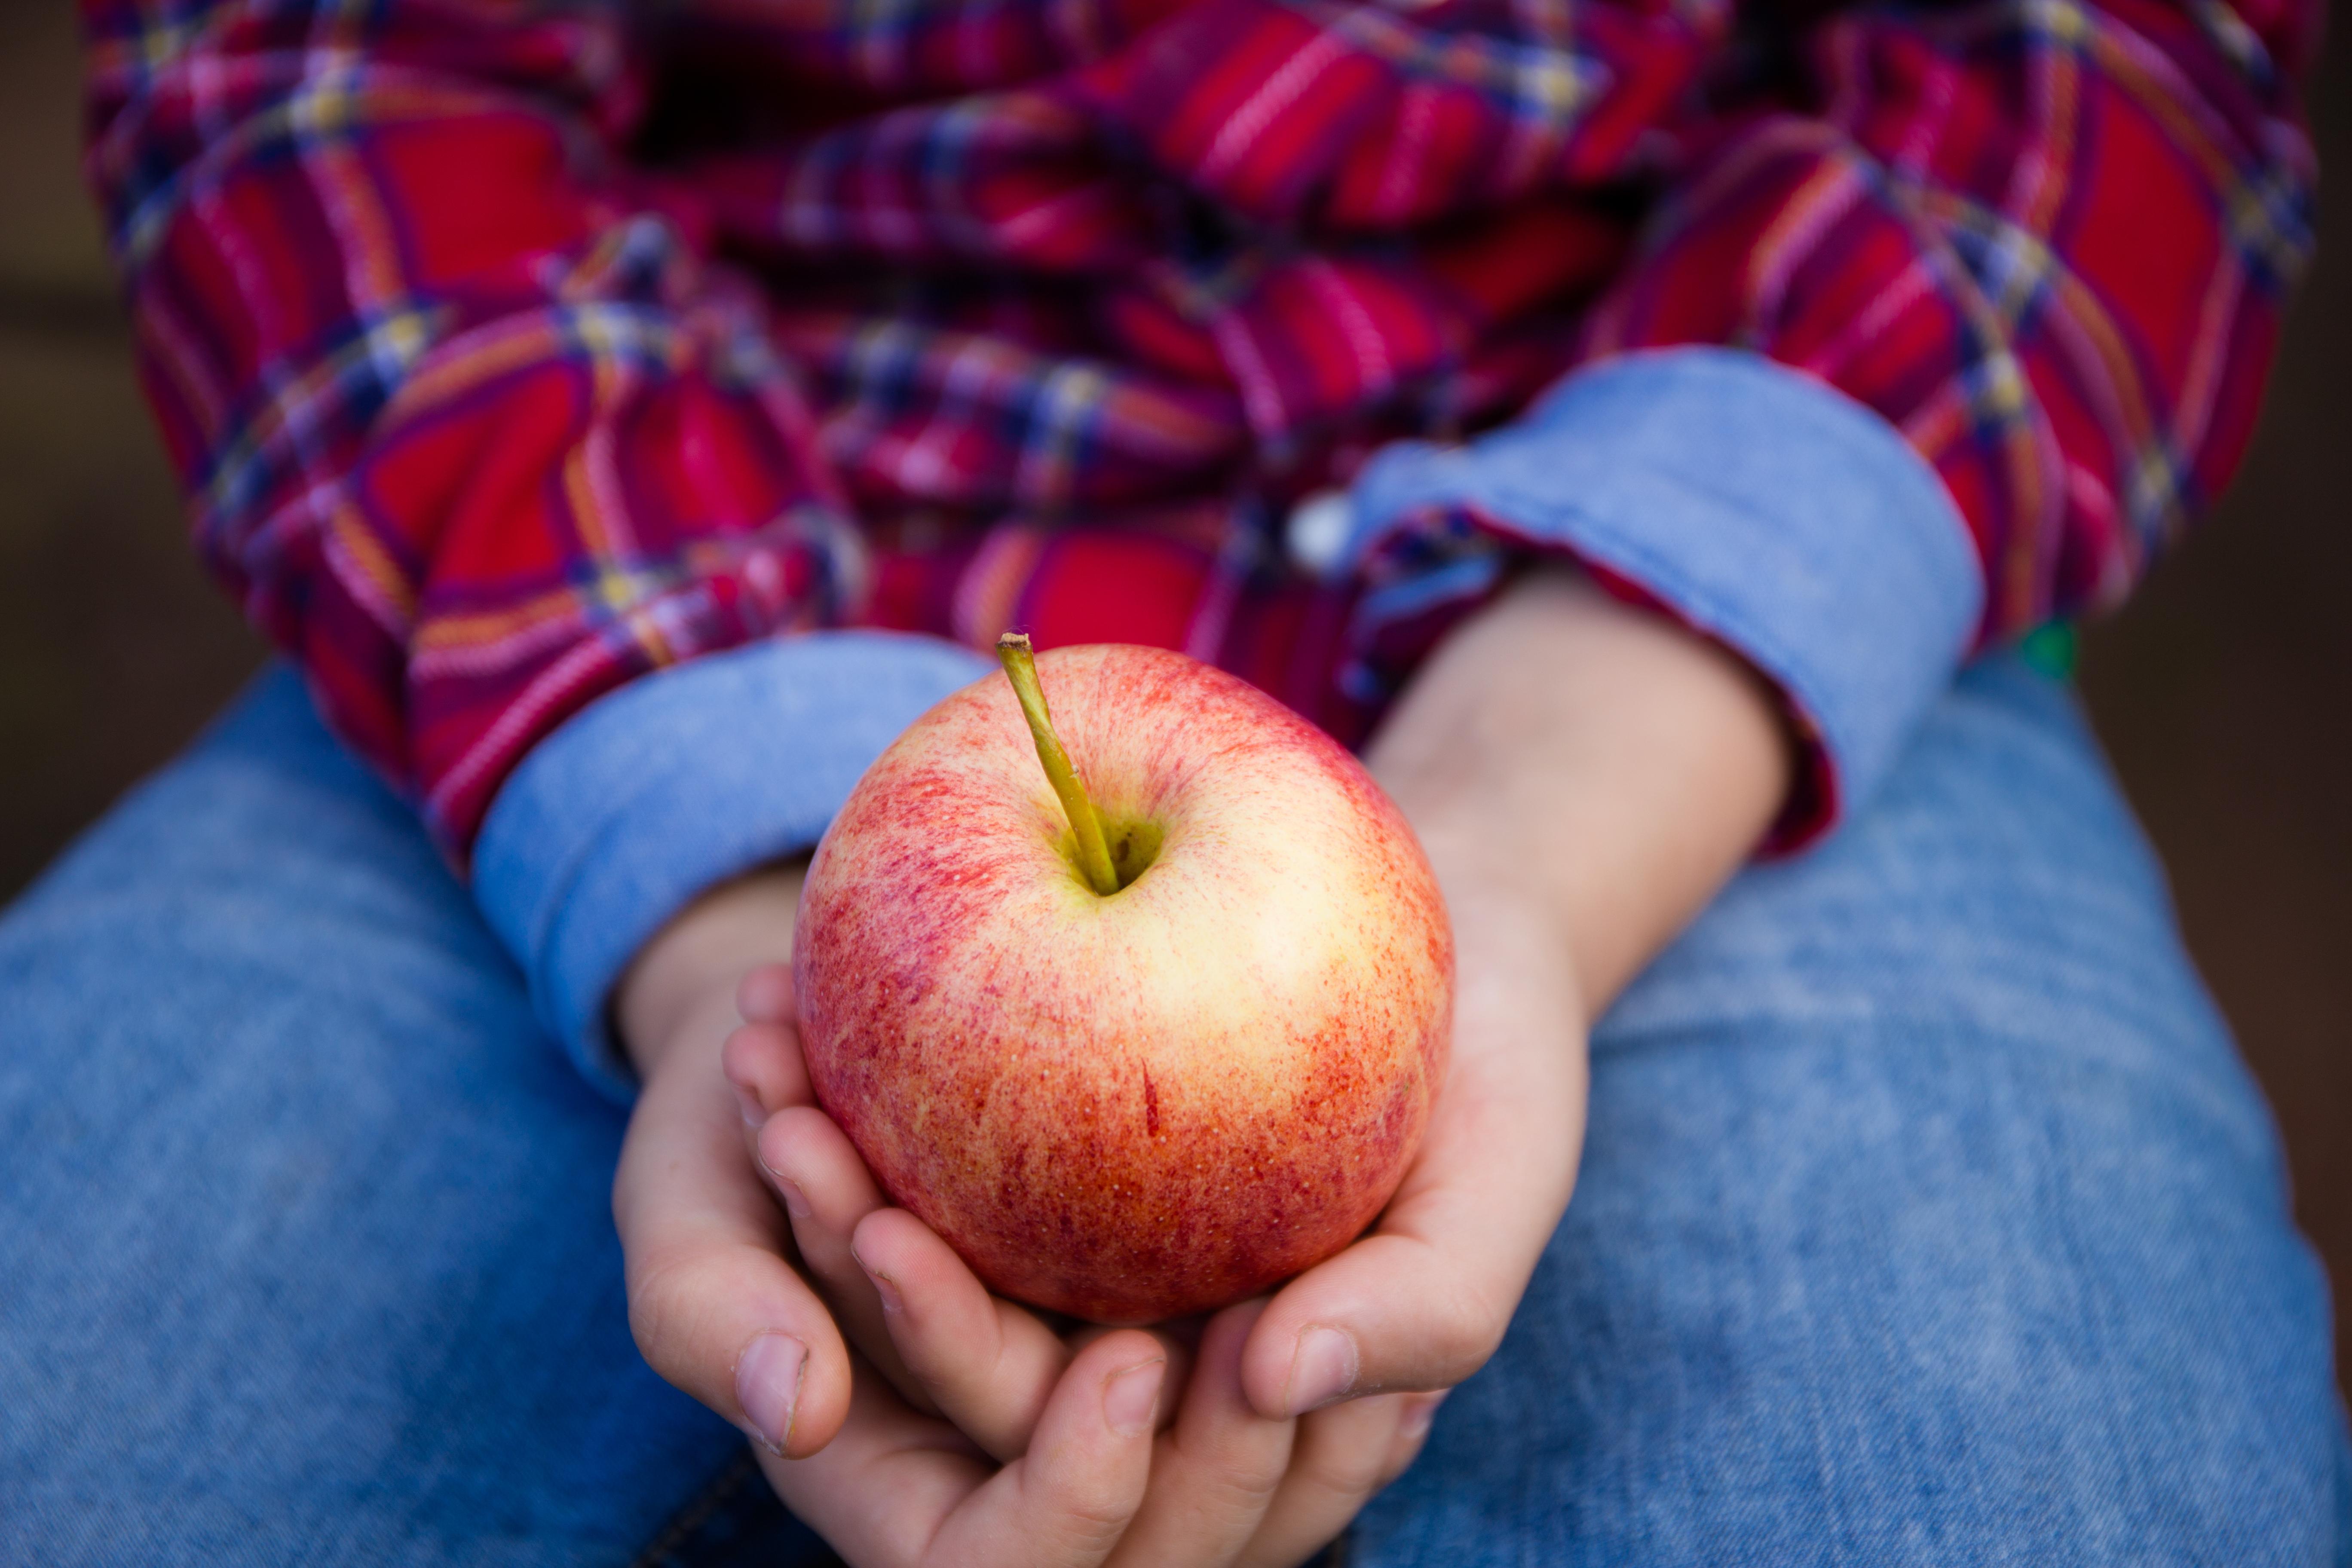 För de deltagarna i studien som åt frukt och grönt fem till åtta gånger om dagen minskade strokerisken med 20 procent.